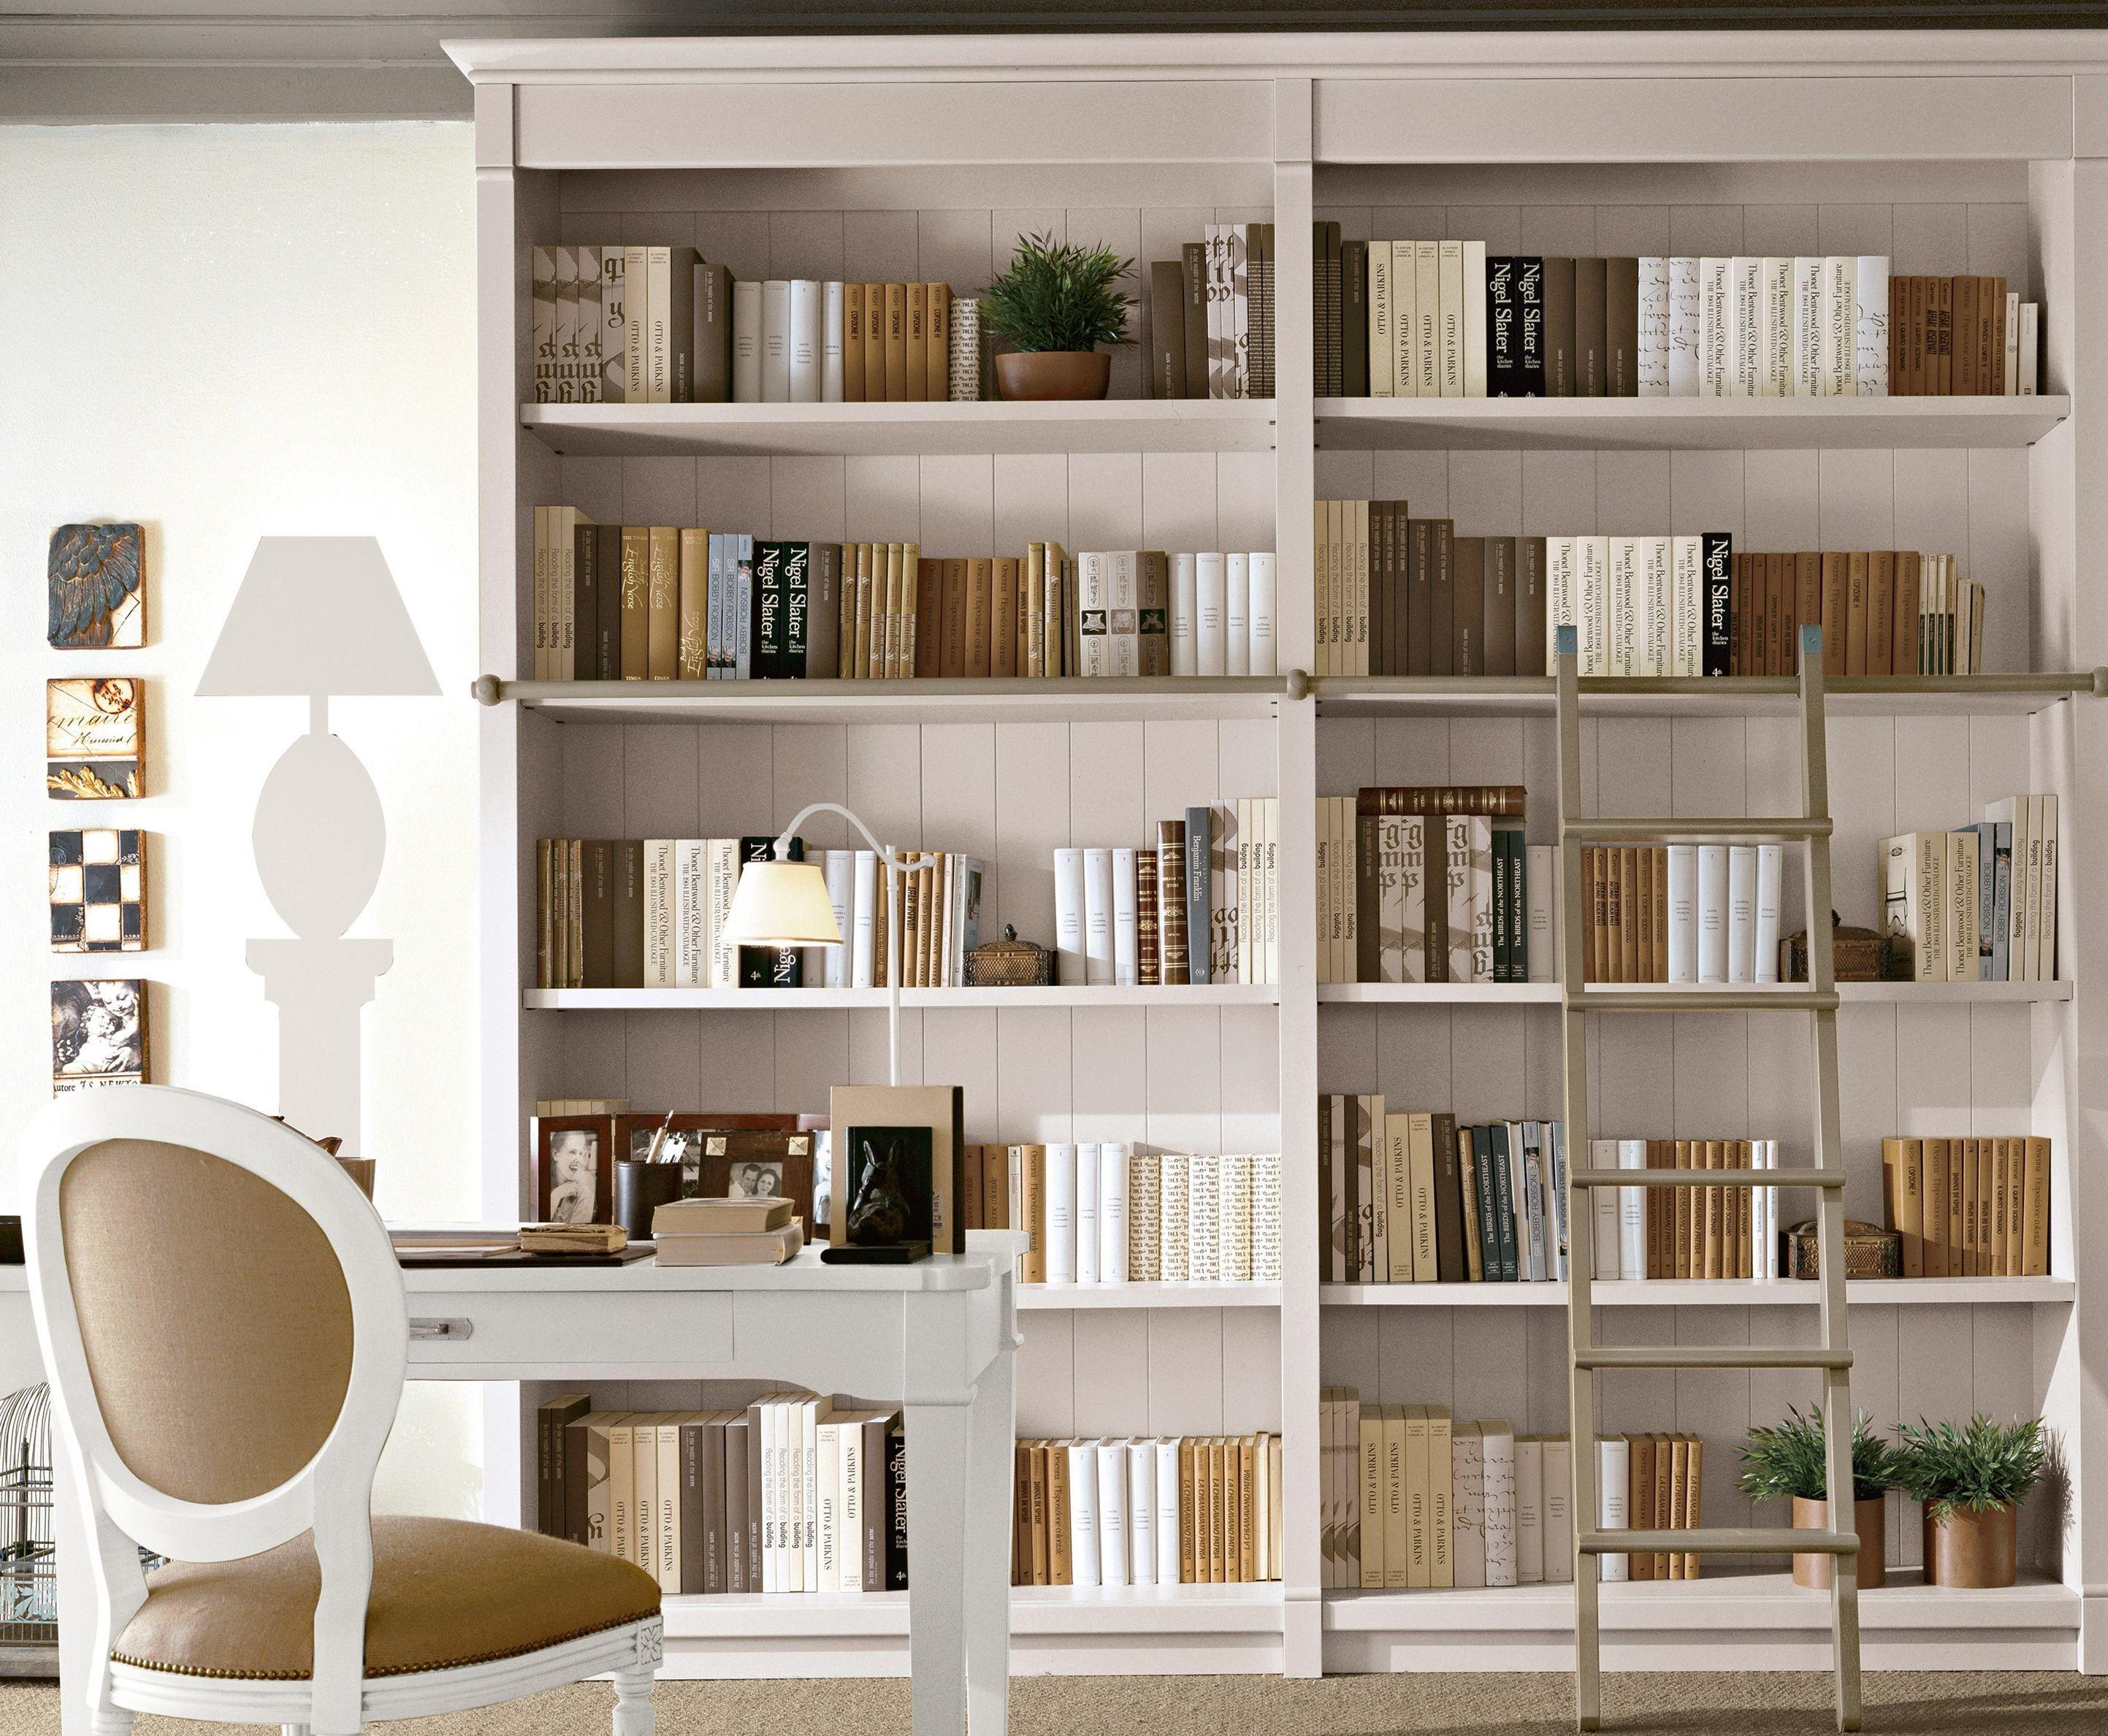 ENGLISH MOOD Libreria by Minacciolo